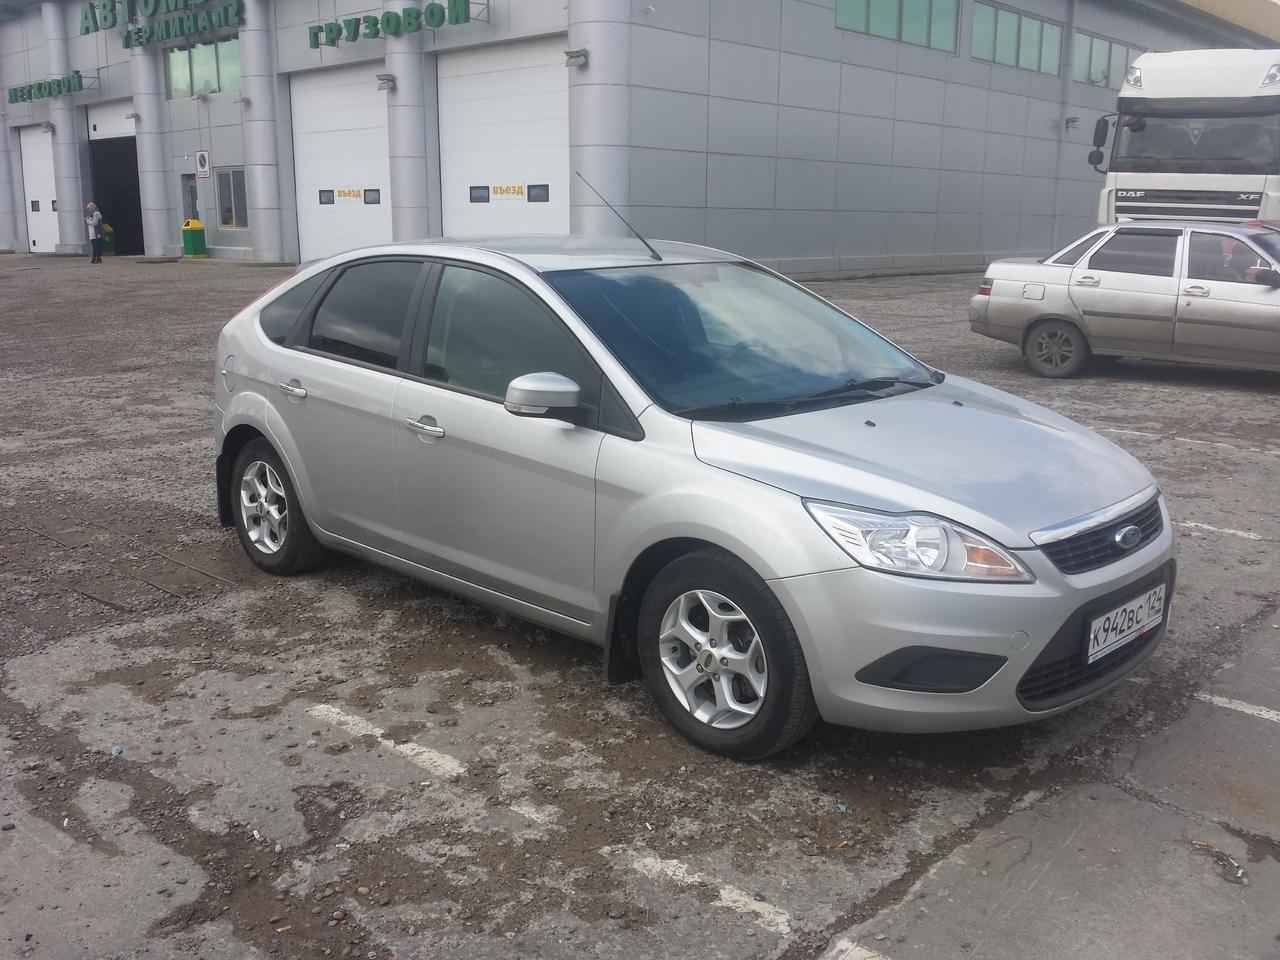 Отзывы о форд фокус с двигателем 1.4